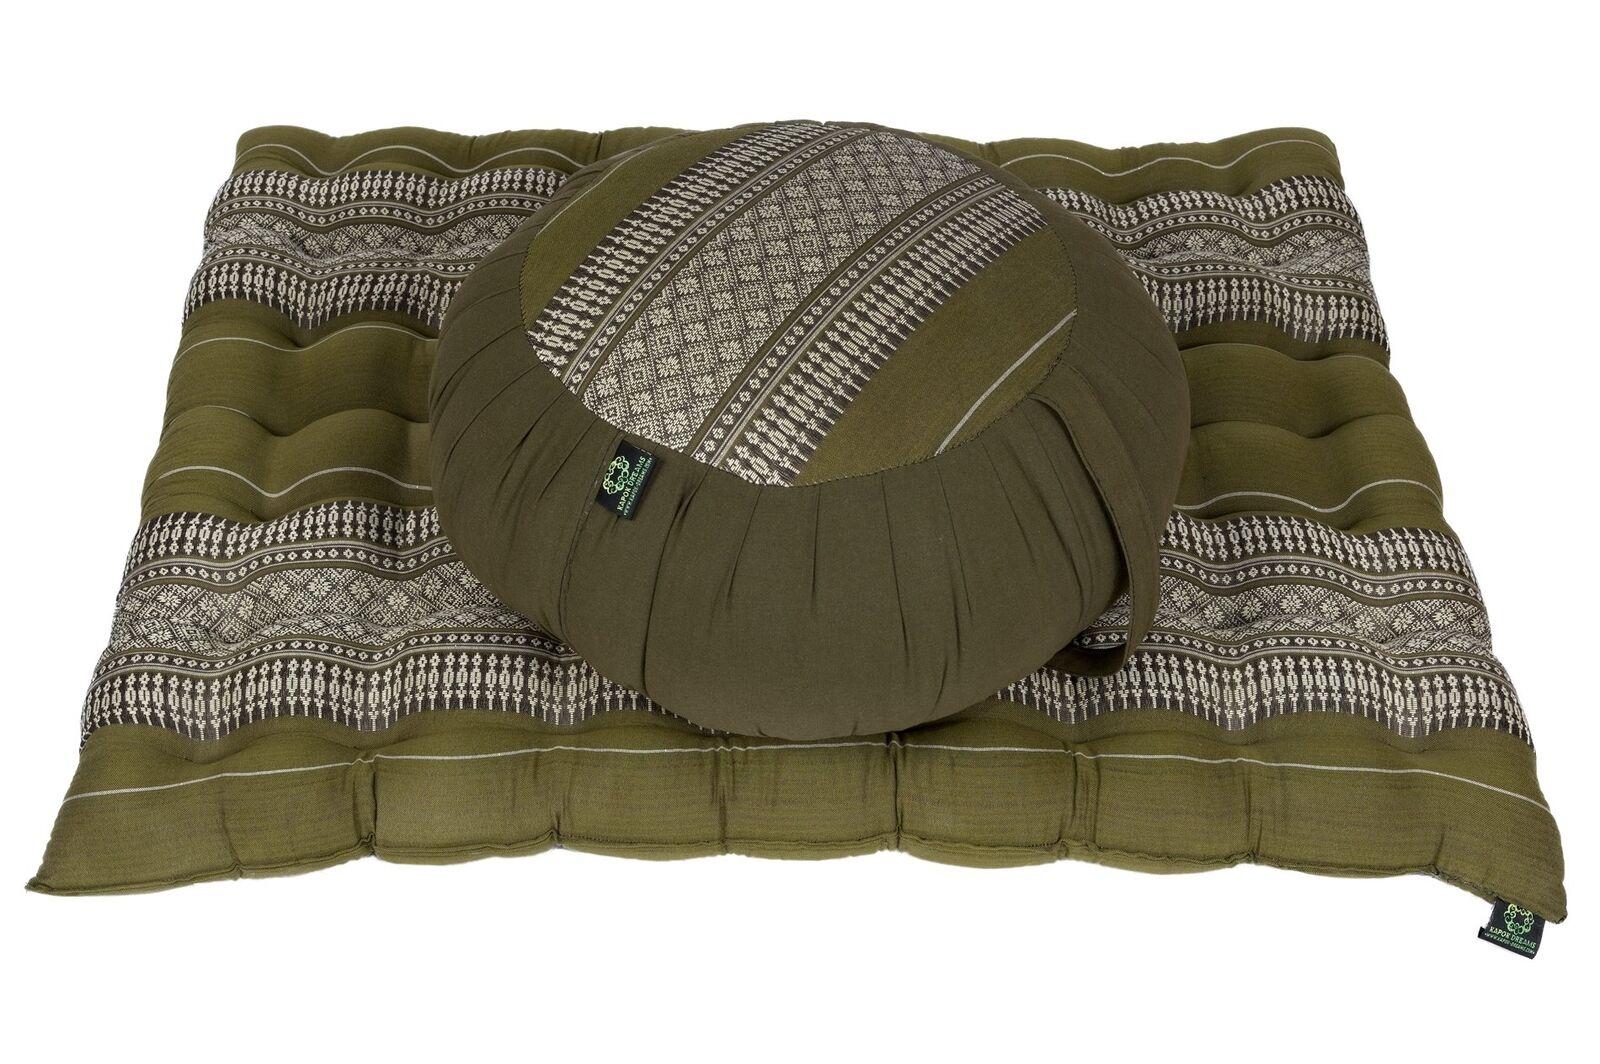 Zafu round Pillow Pouf + Zabuton Mat Meditation Seat Set Natural Kapok Filling F